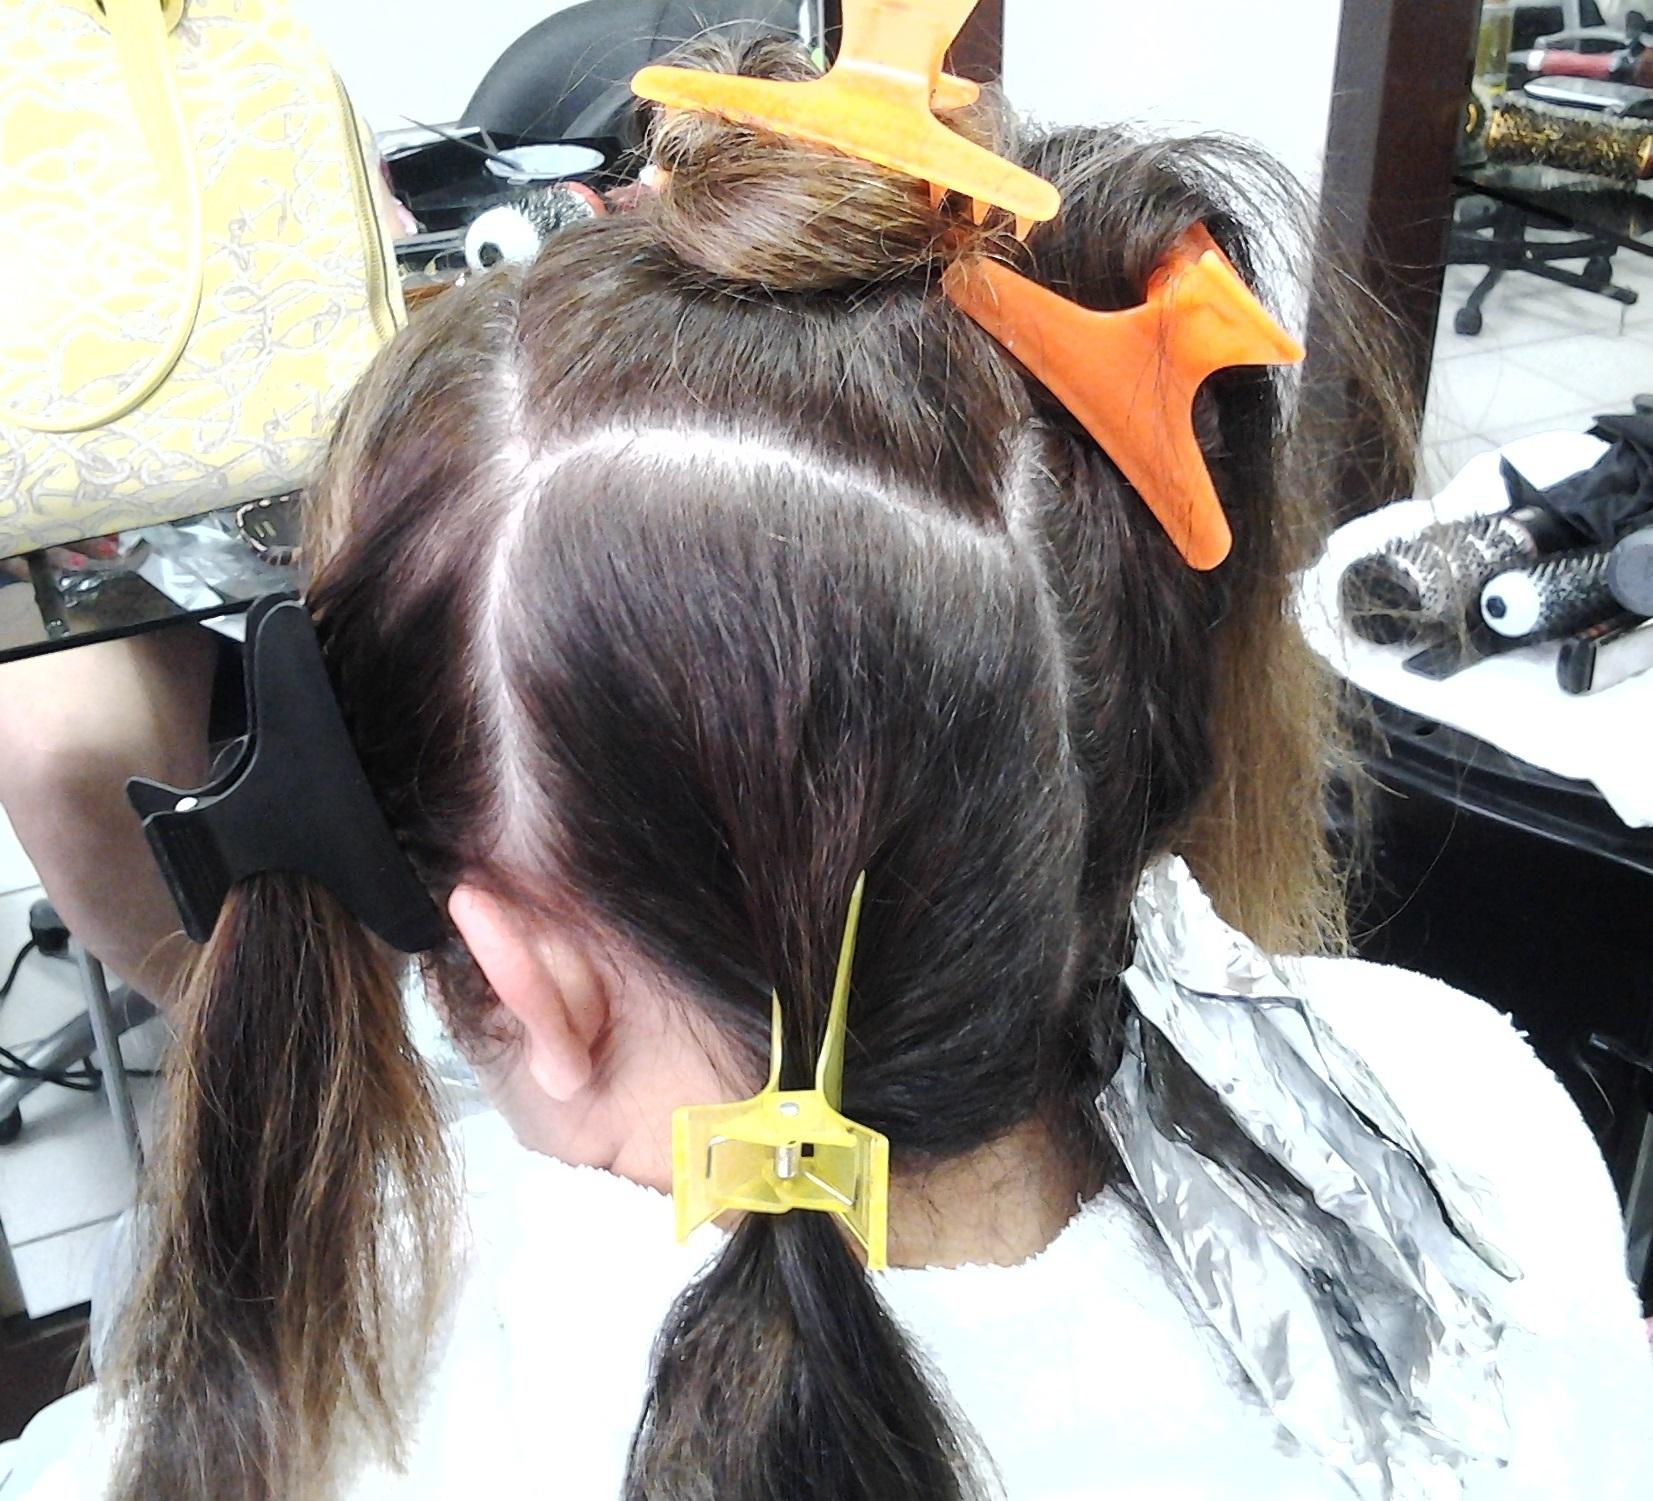 antes cabeleireiro(a) massoterapeuta barbeiro(a) aromaterapeuta depilador(a) designer de sobrancelhas esteticista massagista stylist terapeuta visagista docente / professor(a) supervisor(a)